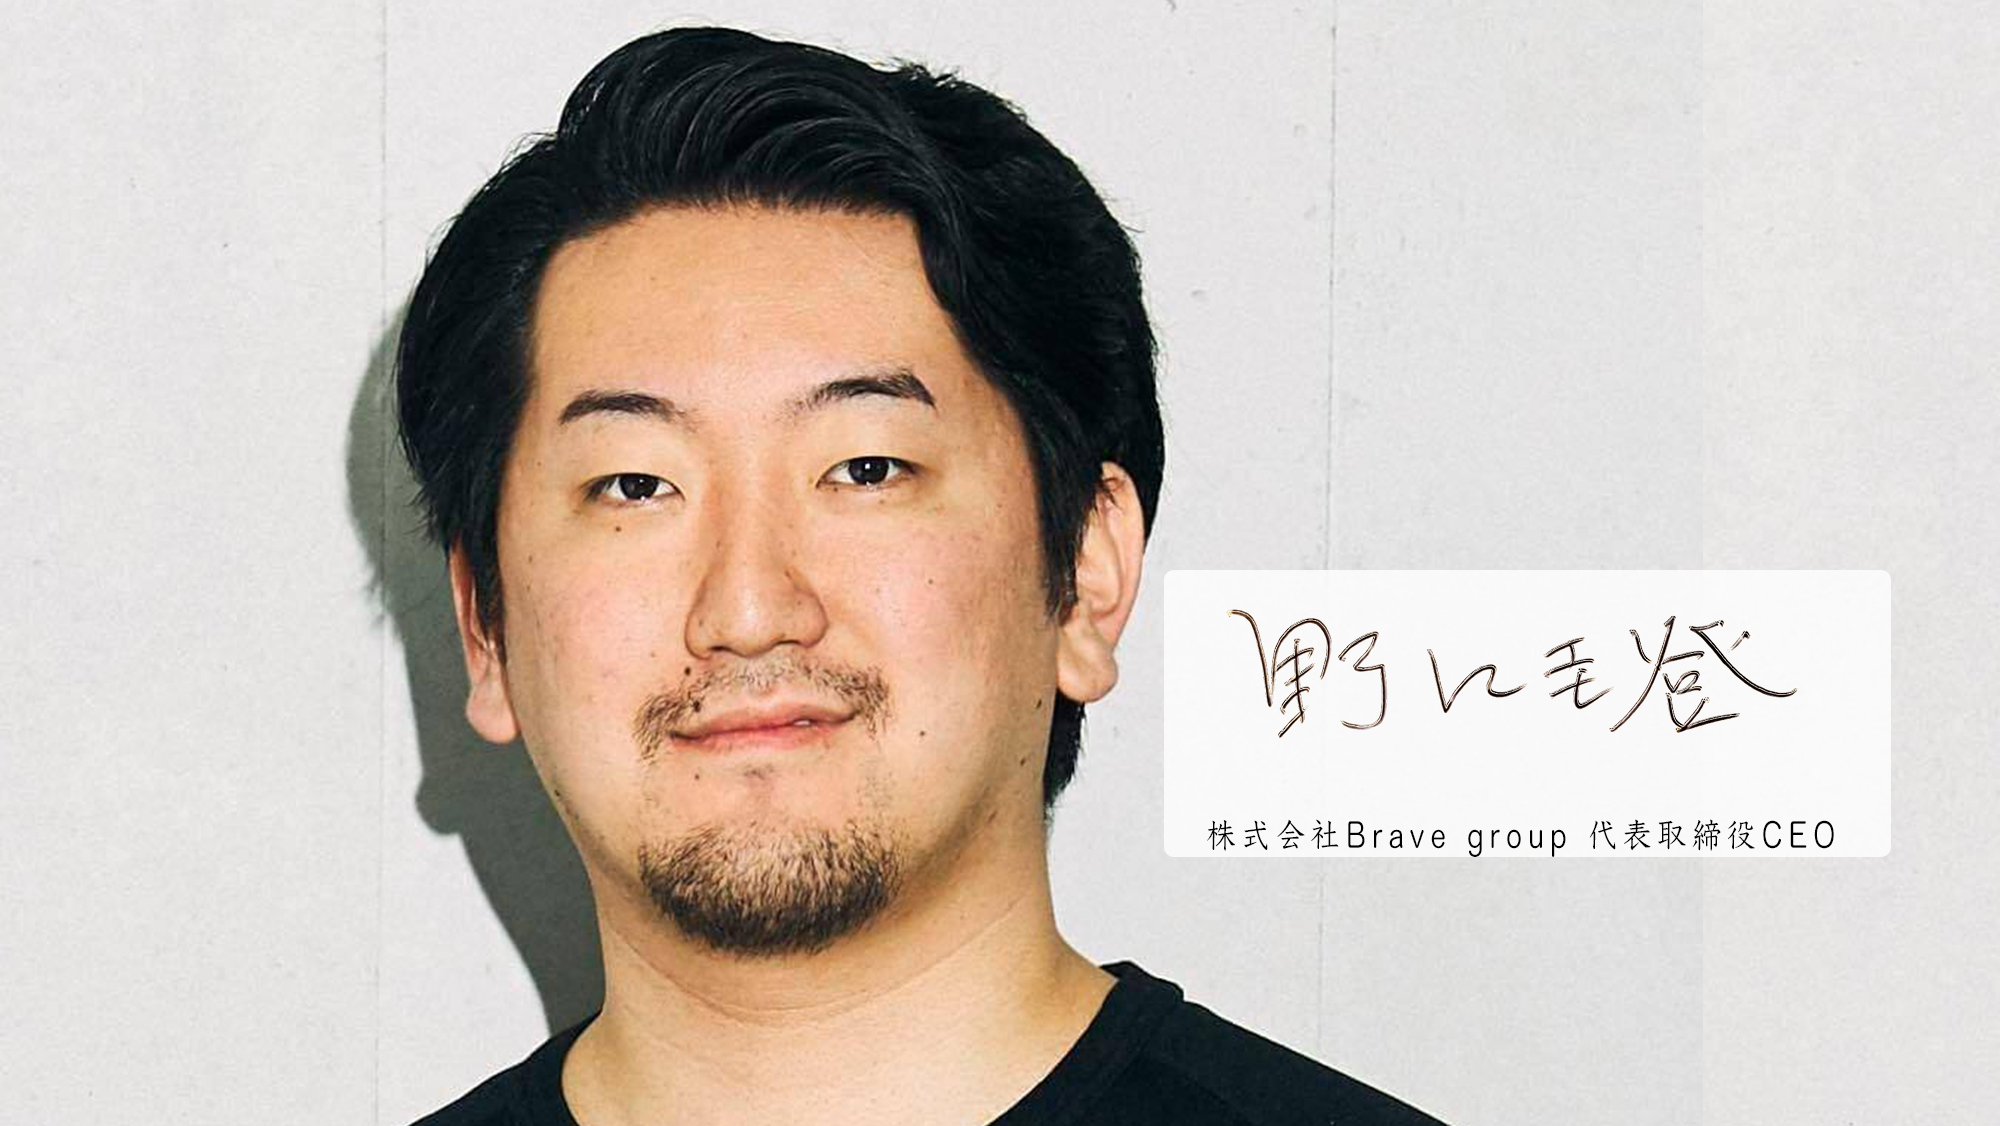 日本発のバーチャルグローバルコンテンツの創出と、エンタメ領域におけるDXで、日本を代表する世界基準の会社を目指す